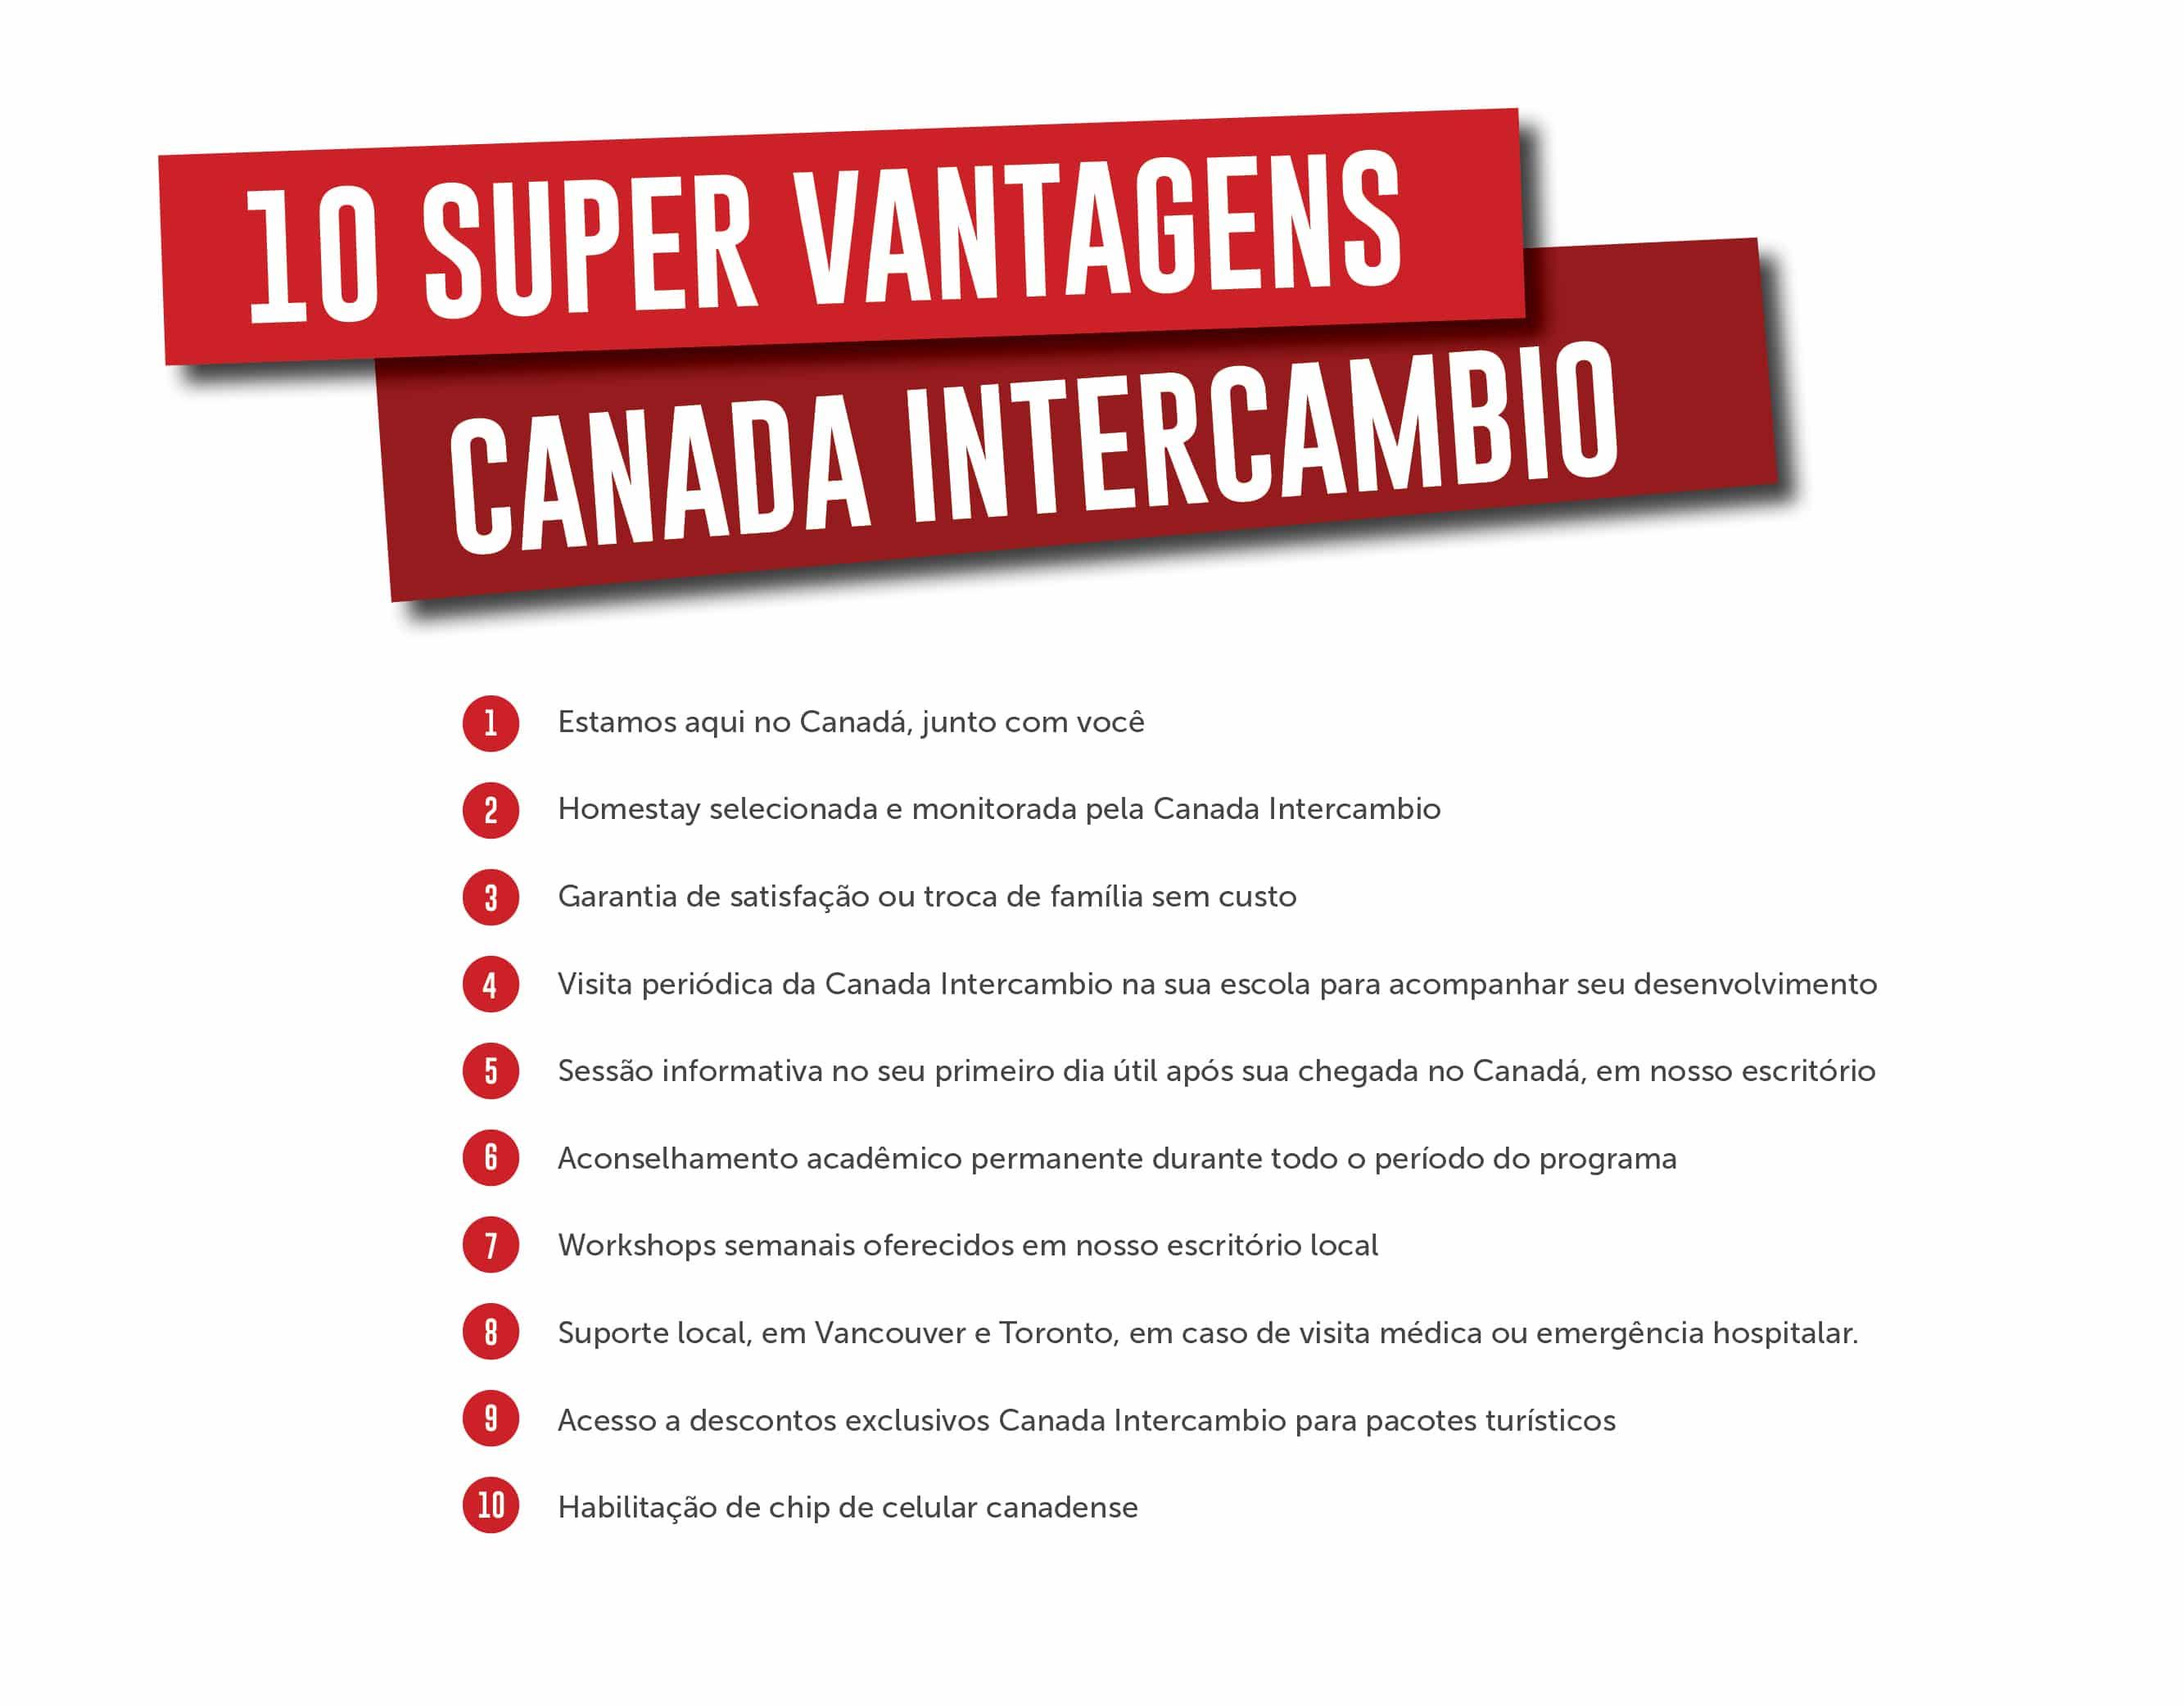 10 vantagens da Canada Intercambio